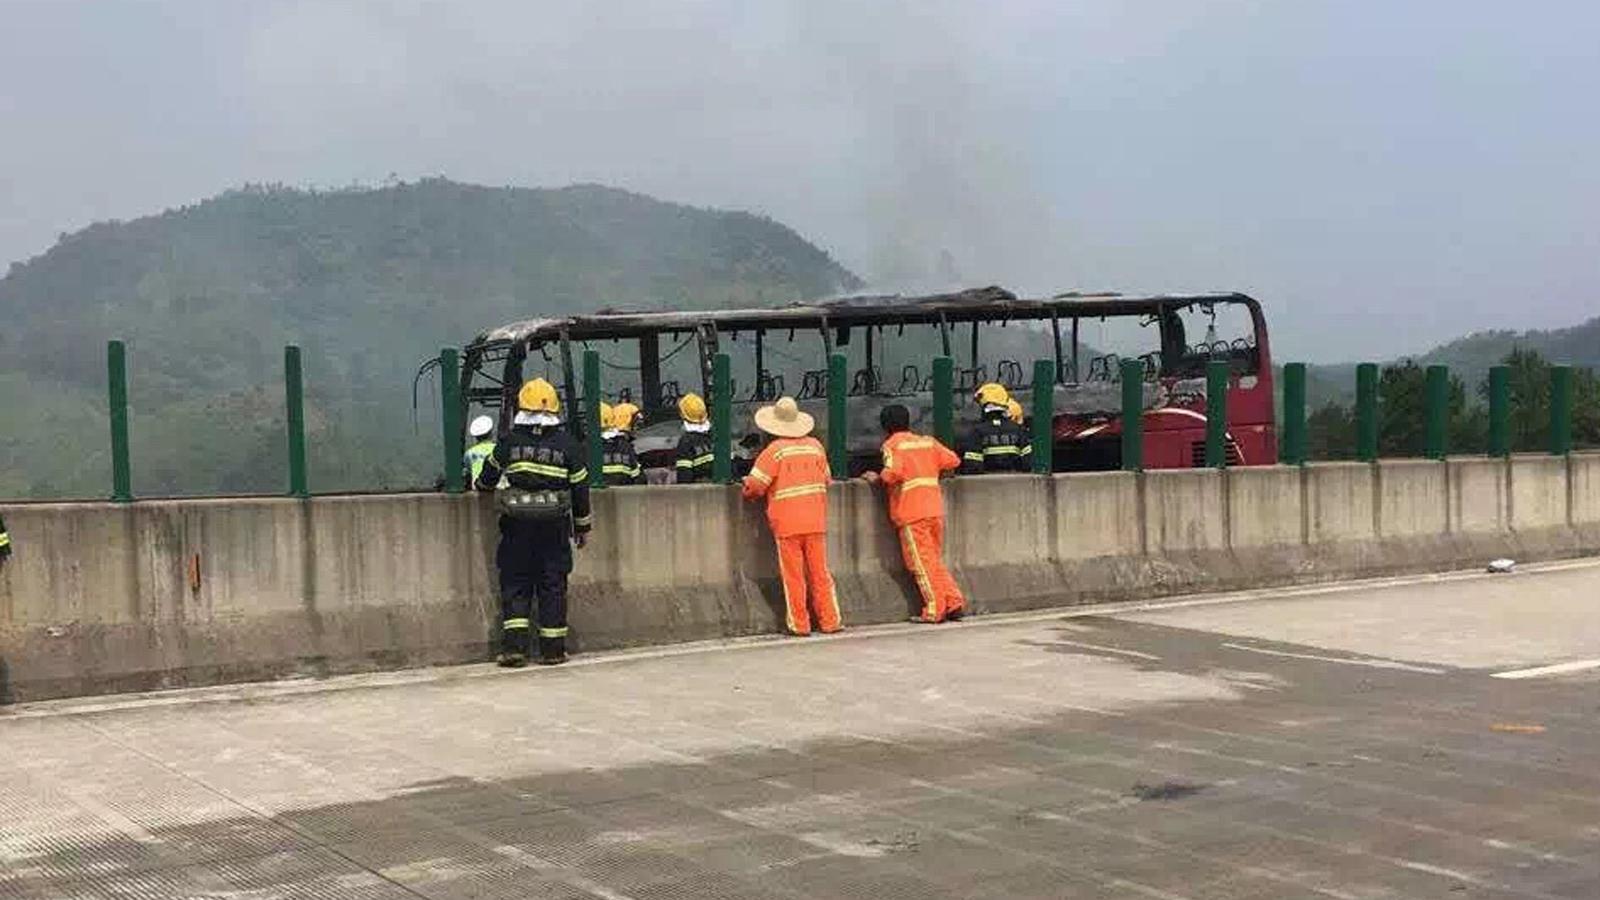 湖南宜章境内一客运大巴起火 已造成不少人员伤亡